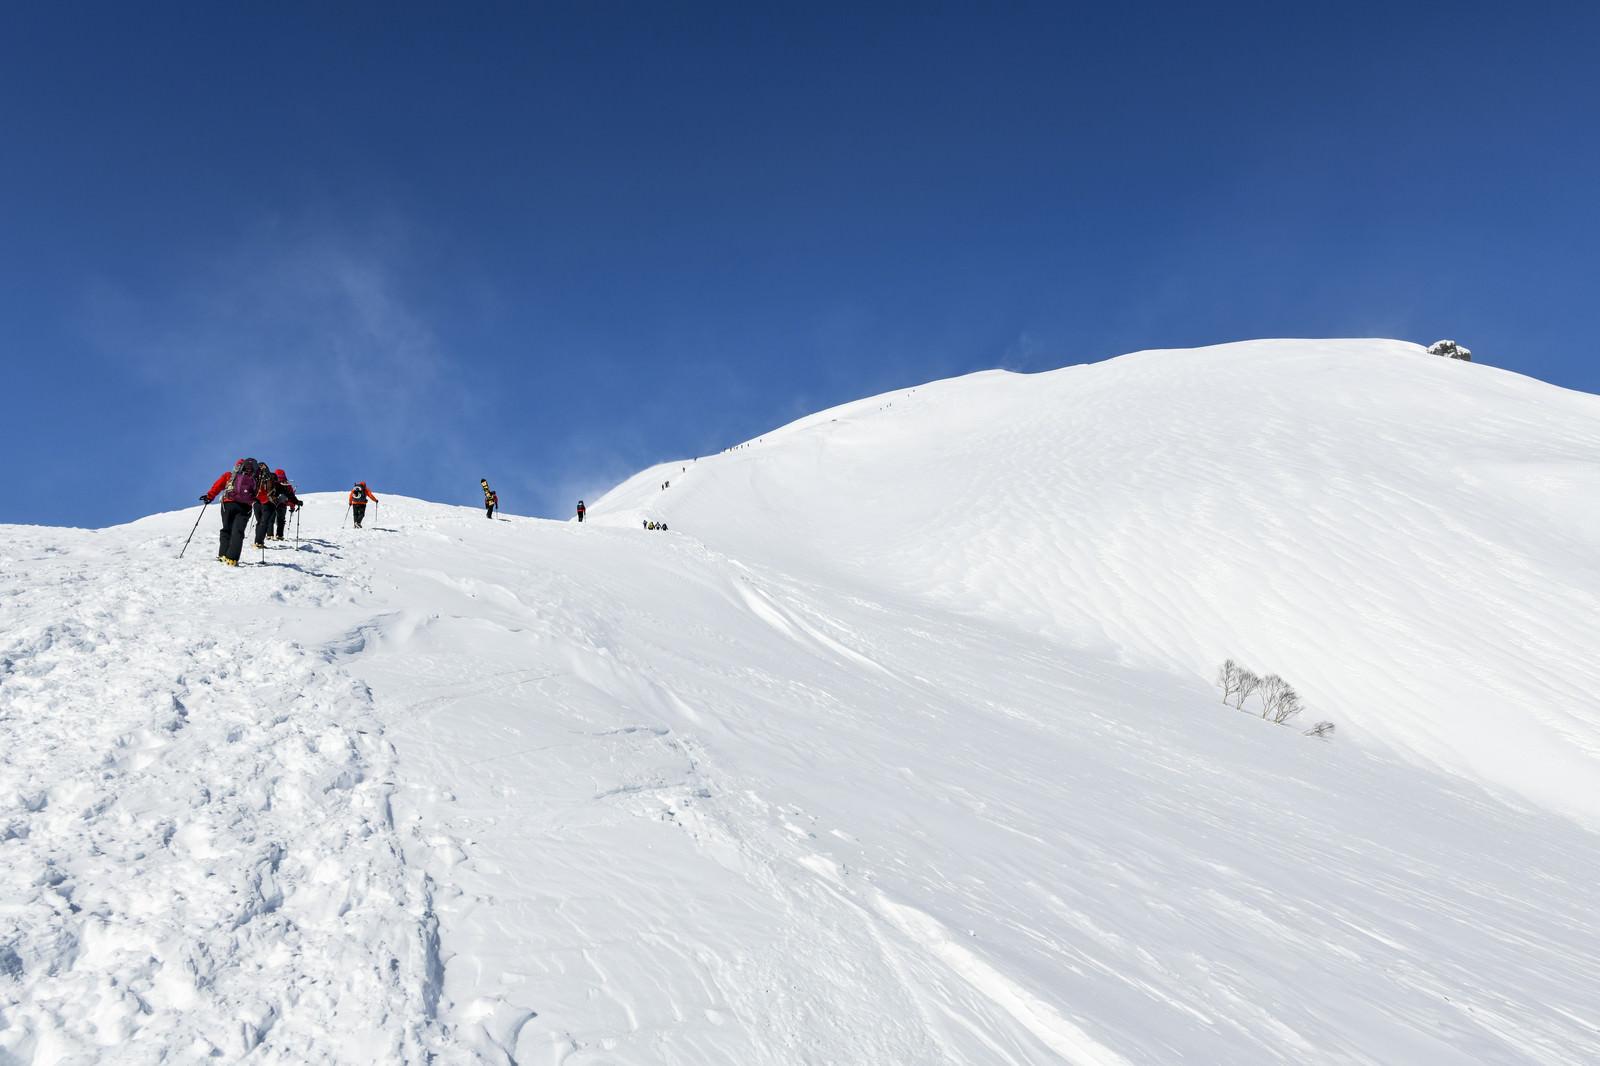 「谷川岳を登る登山者たち」の写真